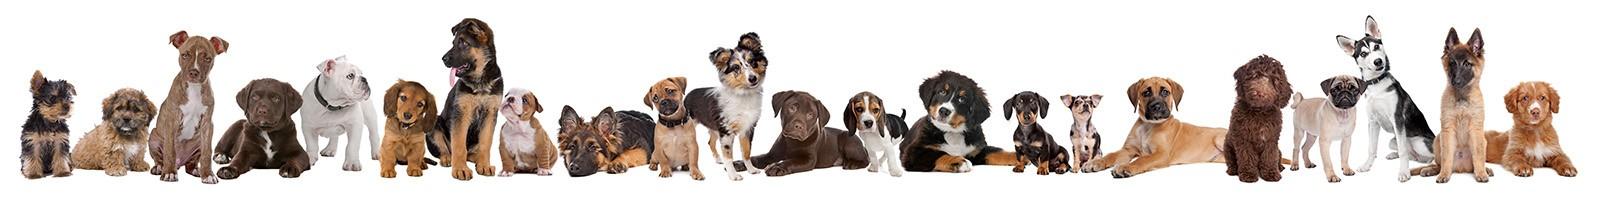 春夏季节狗狗最容易得哪些???_图1-12